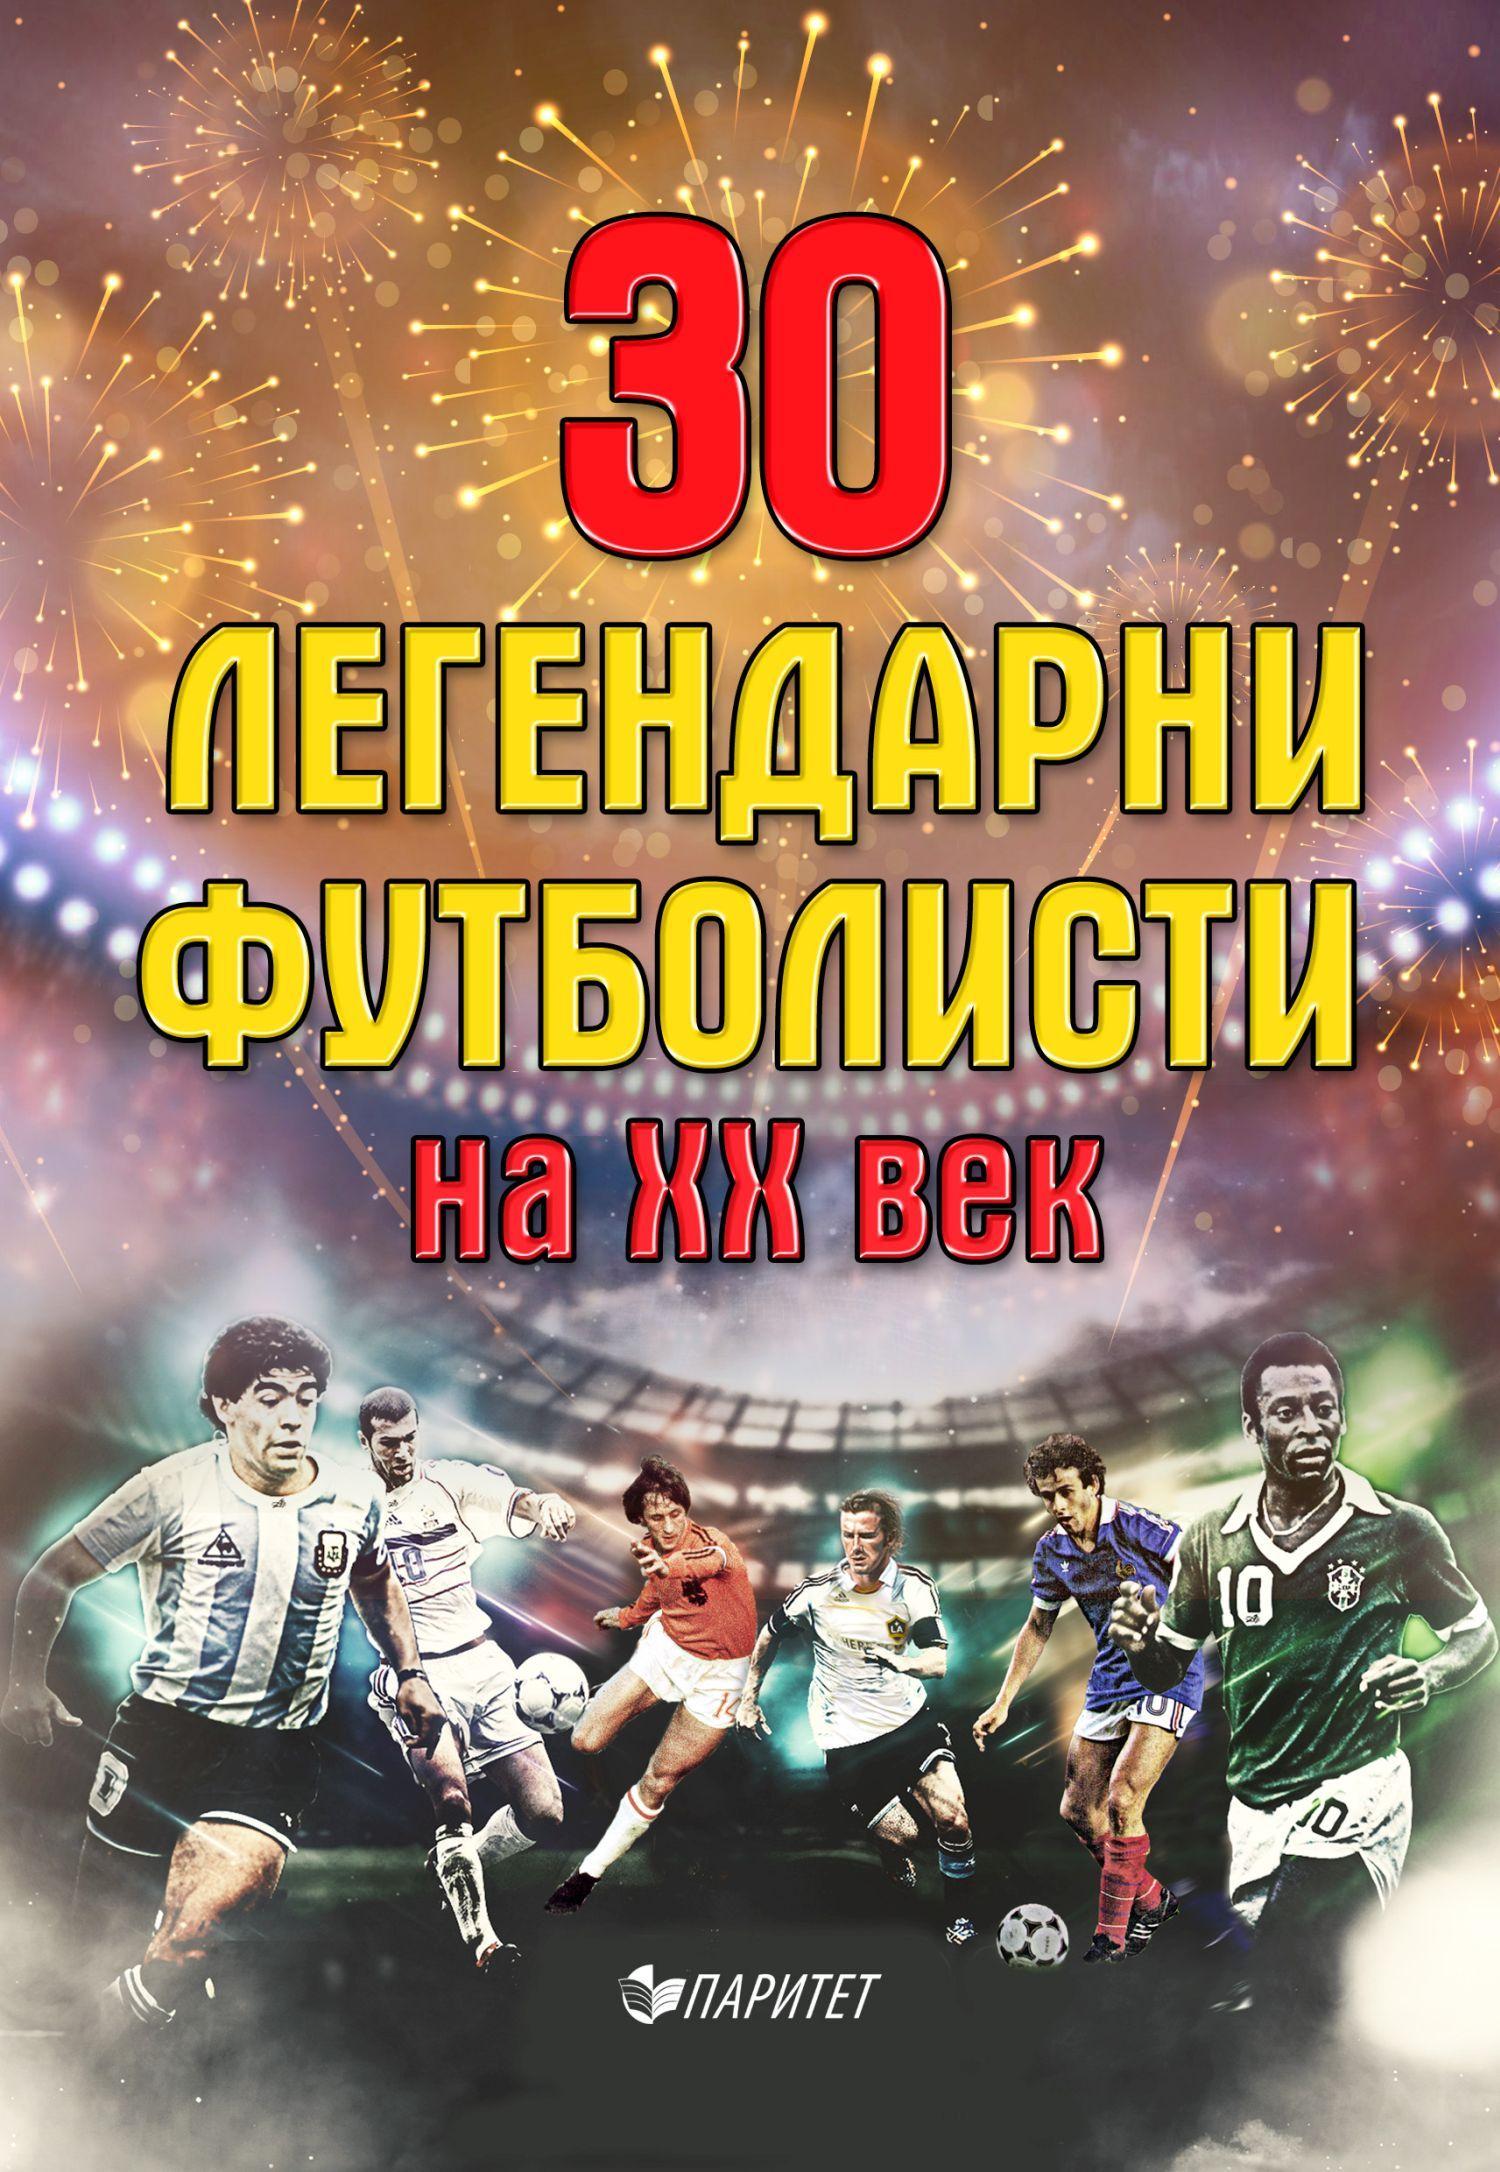 30 легендарни футболисти на ХХ век - 1